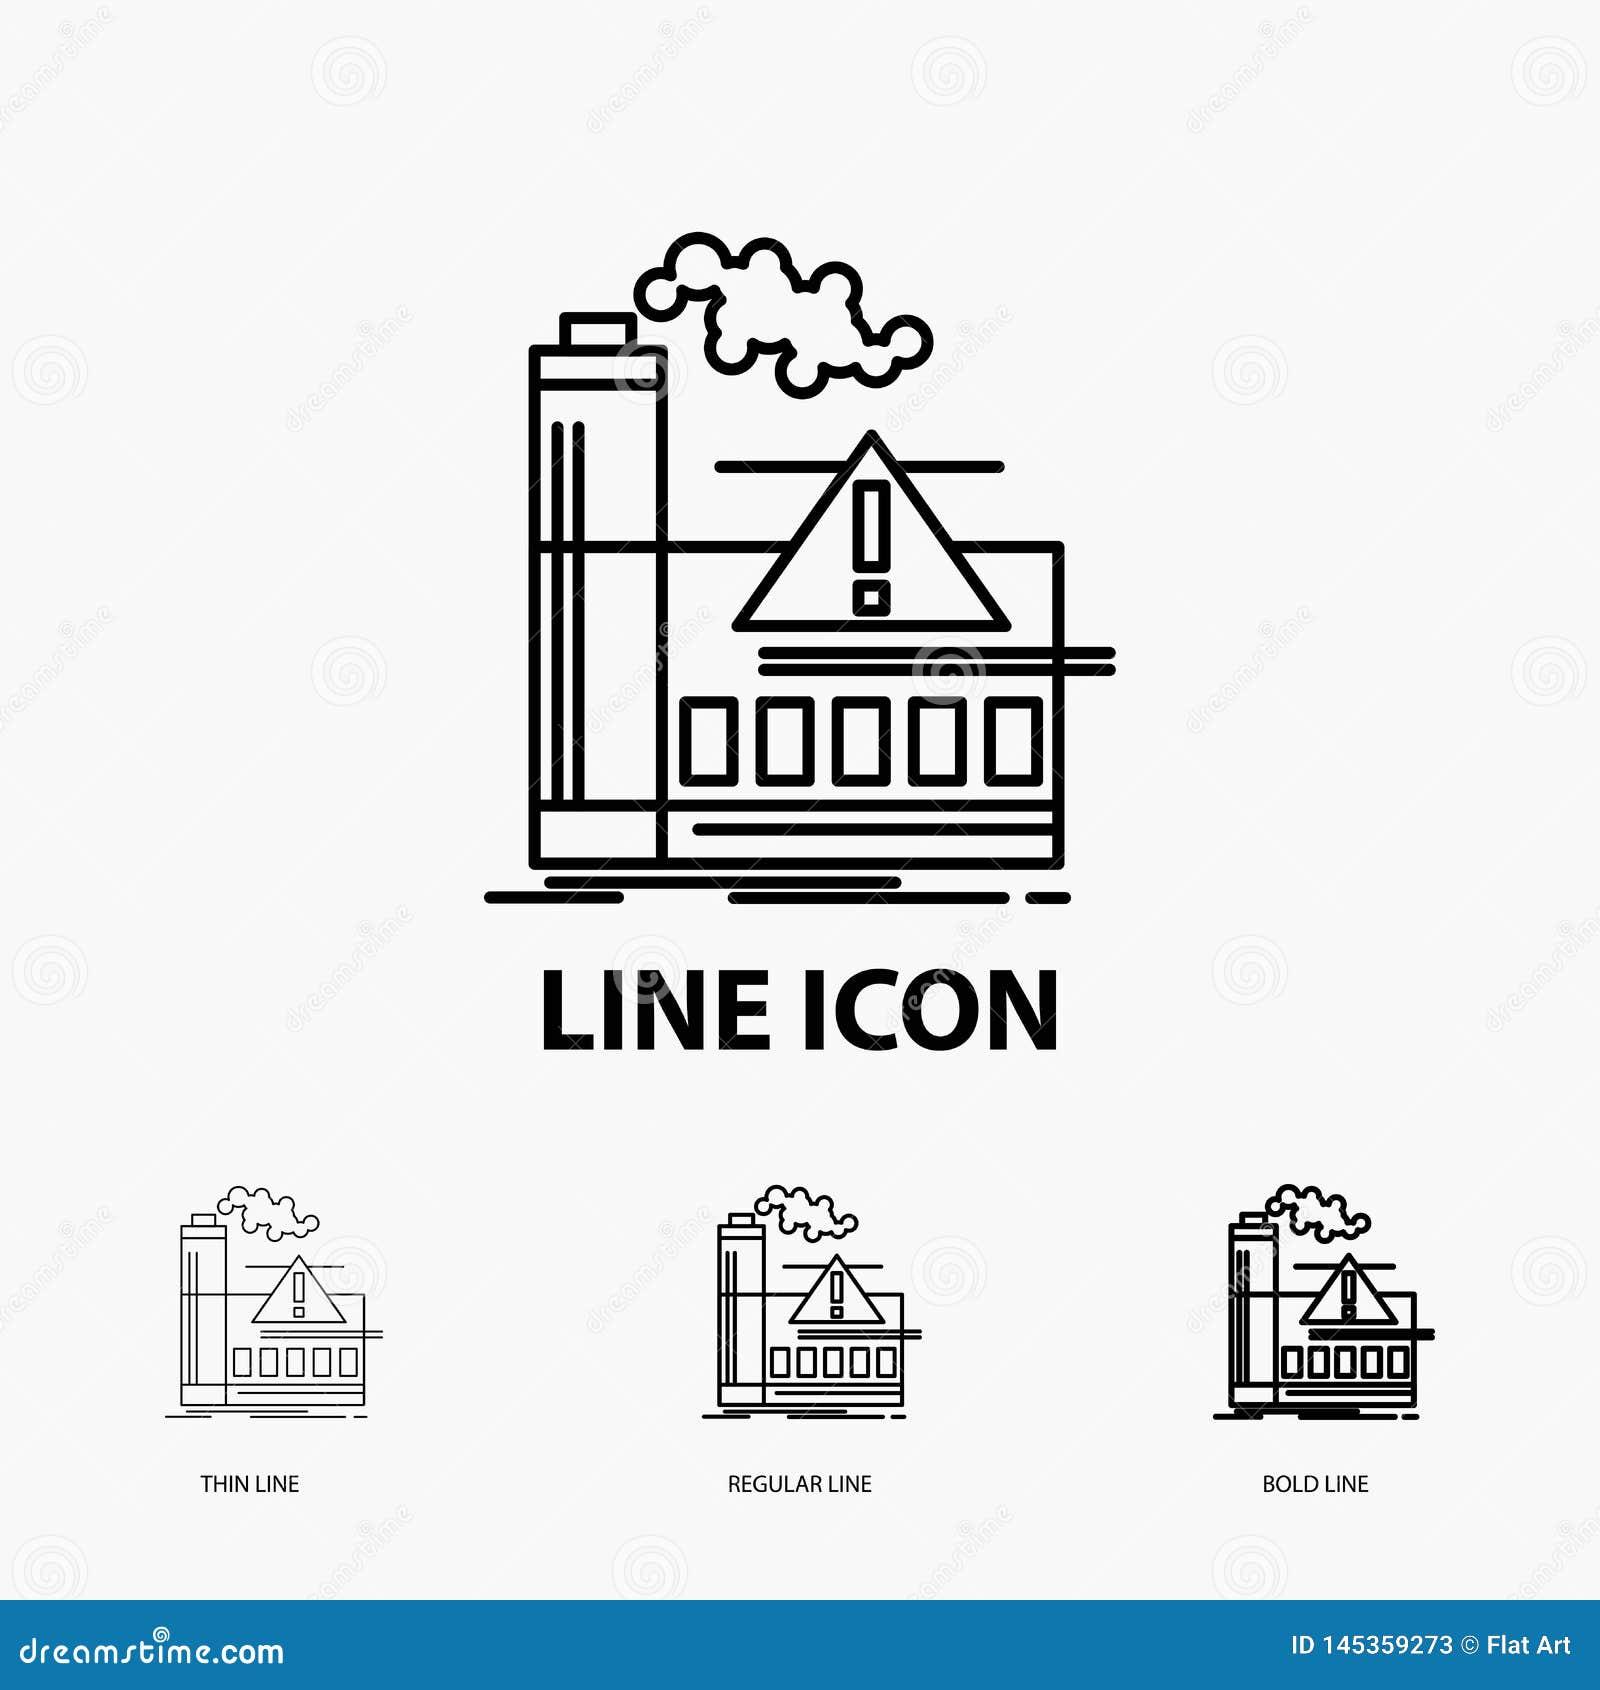 Poluição, fábrica, ar, alerta, ícone da indústria na linha estilo fina, regular e corajosa Ilustra??o do vetor